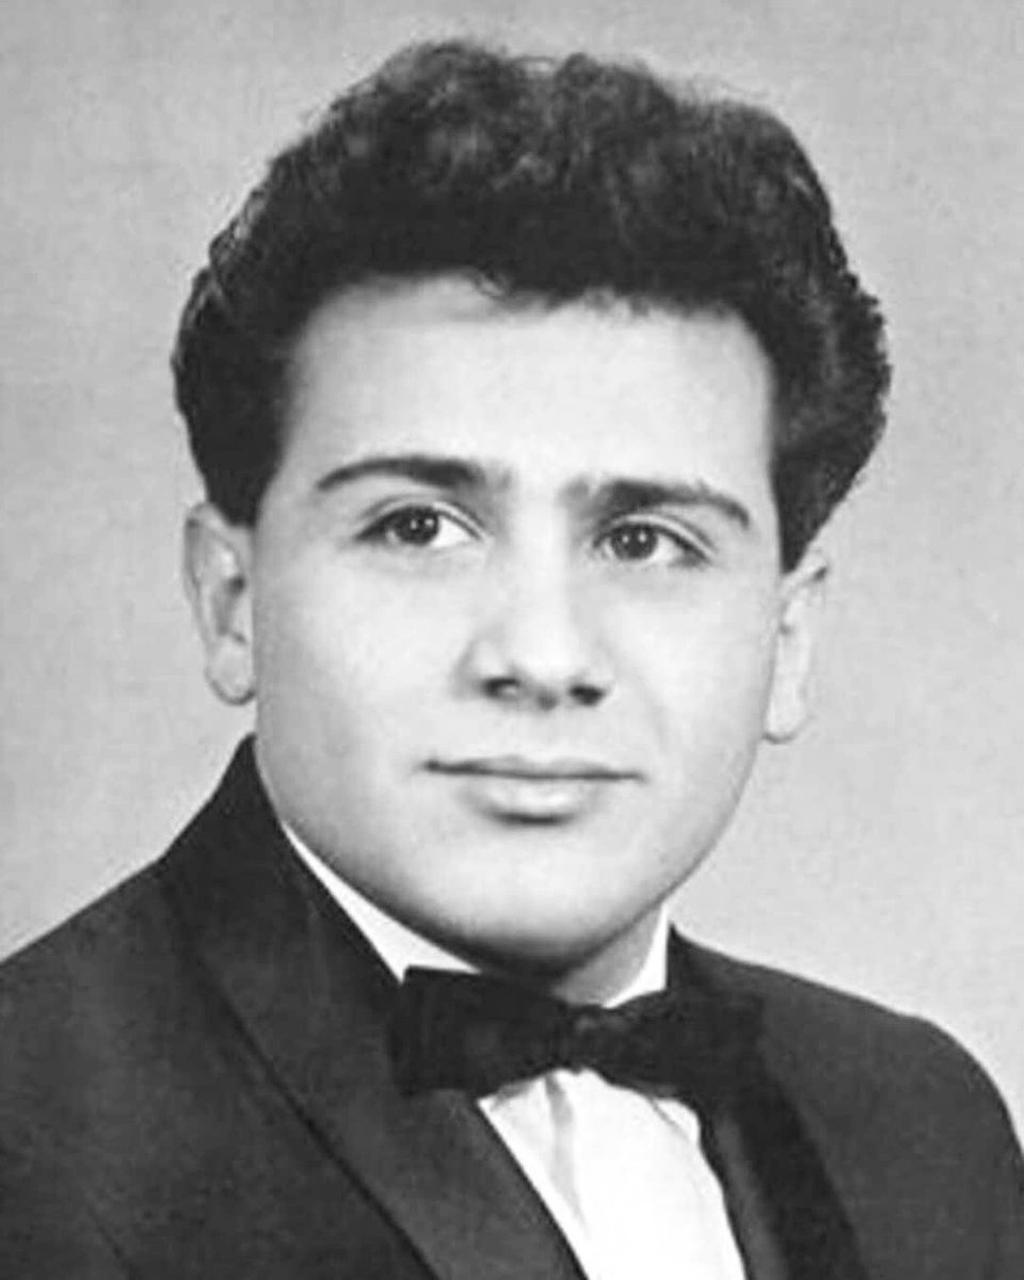 Дэнни Де Вито в молодости